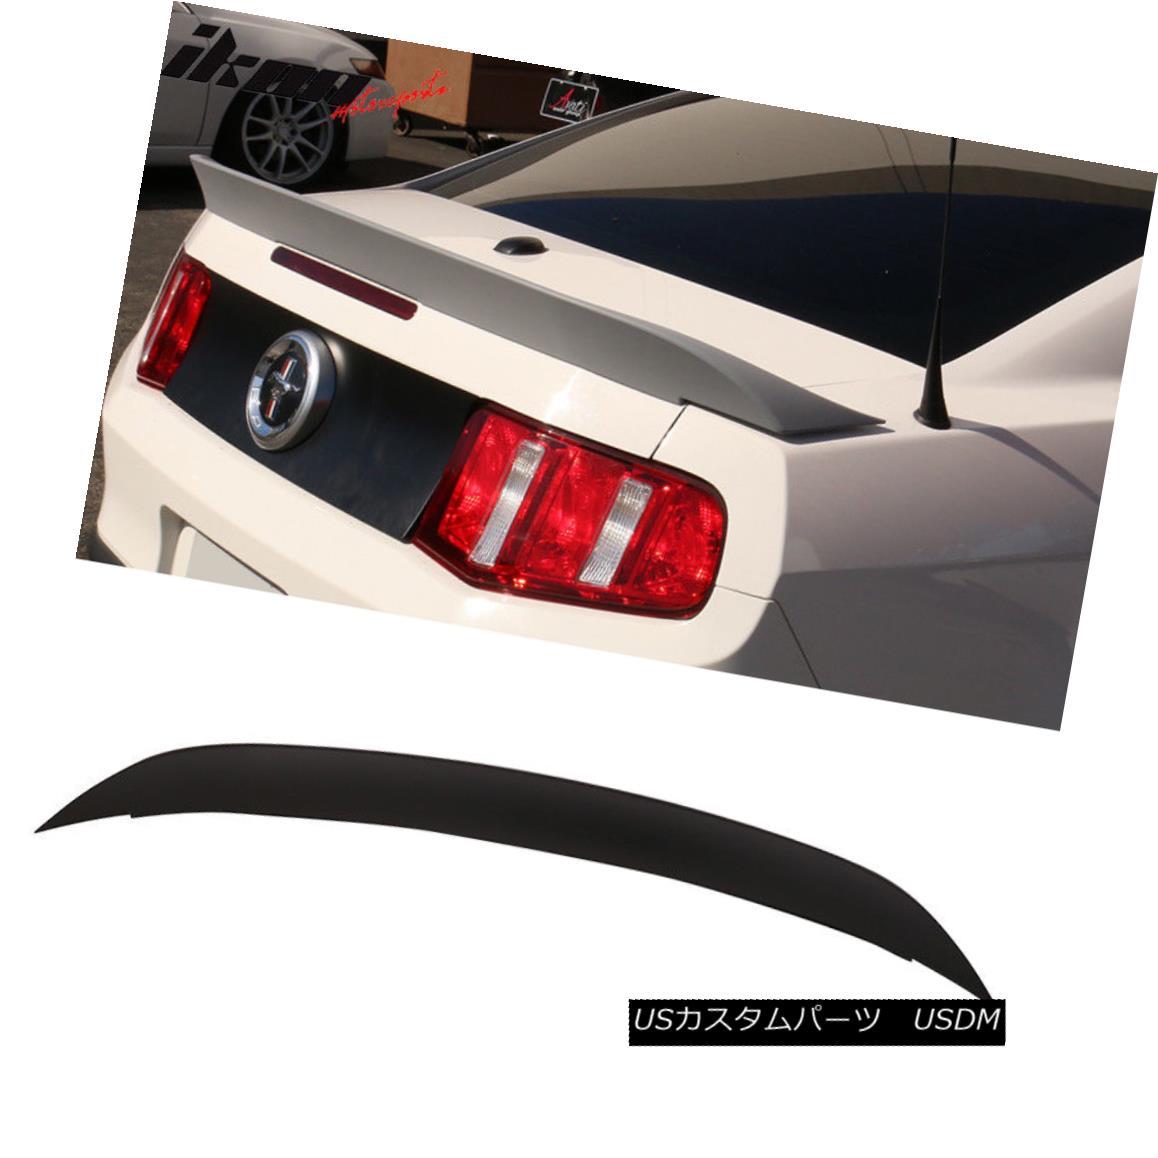 エアロパーツ 10-14 Ford Mustang Cobra GT500 Style Unpainted Trunk Spoiler Duck Tail - ABS 10-14フォードマスタングコブラGT500スタイル未塗装トランクスポイラーダックテール - ABS